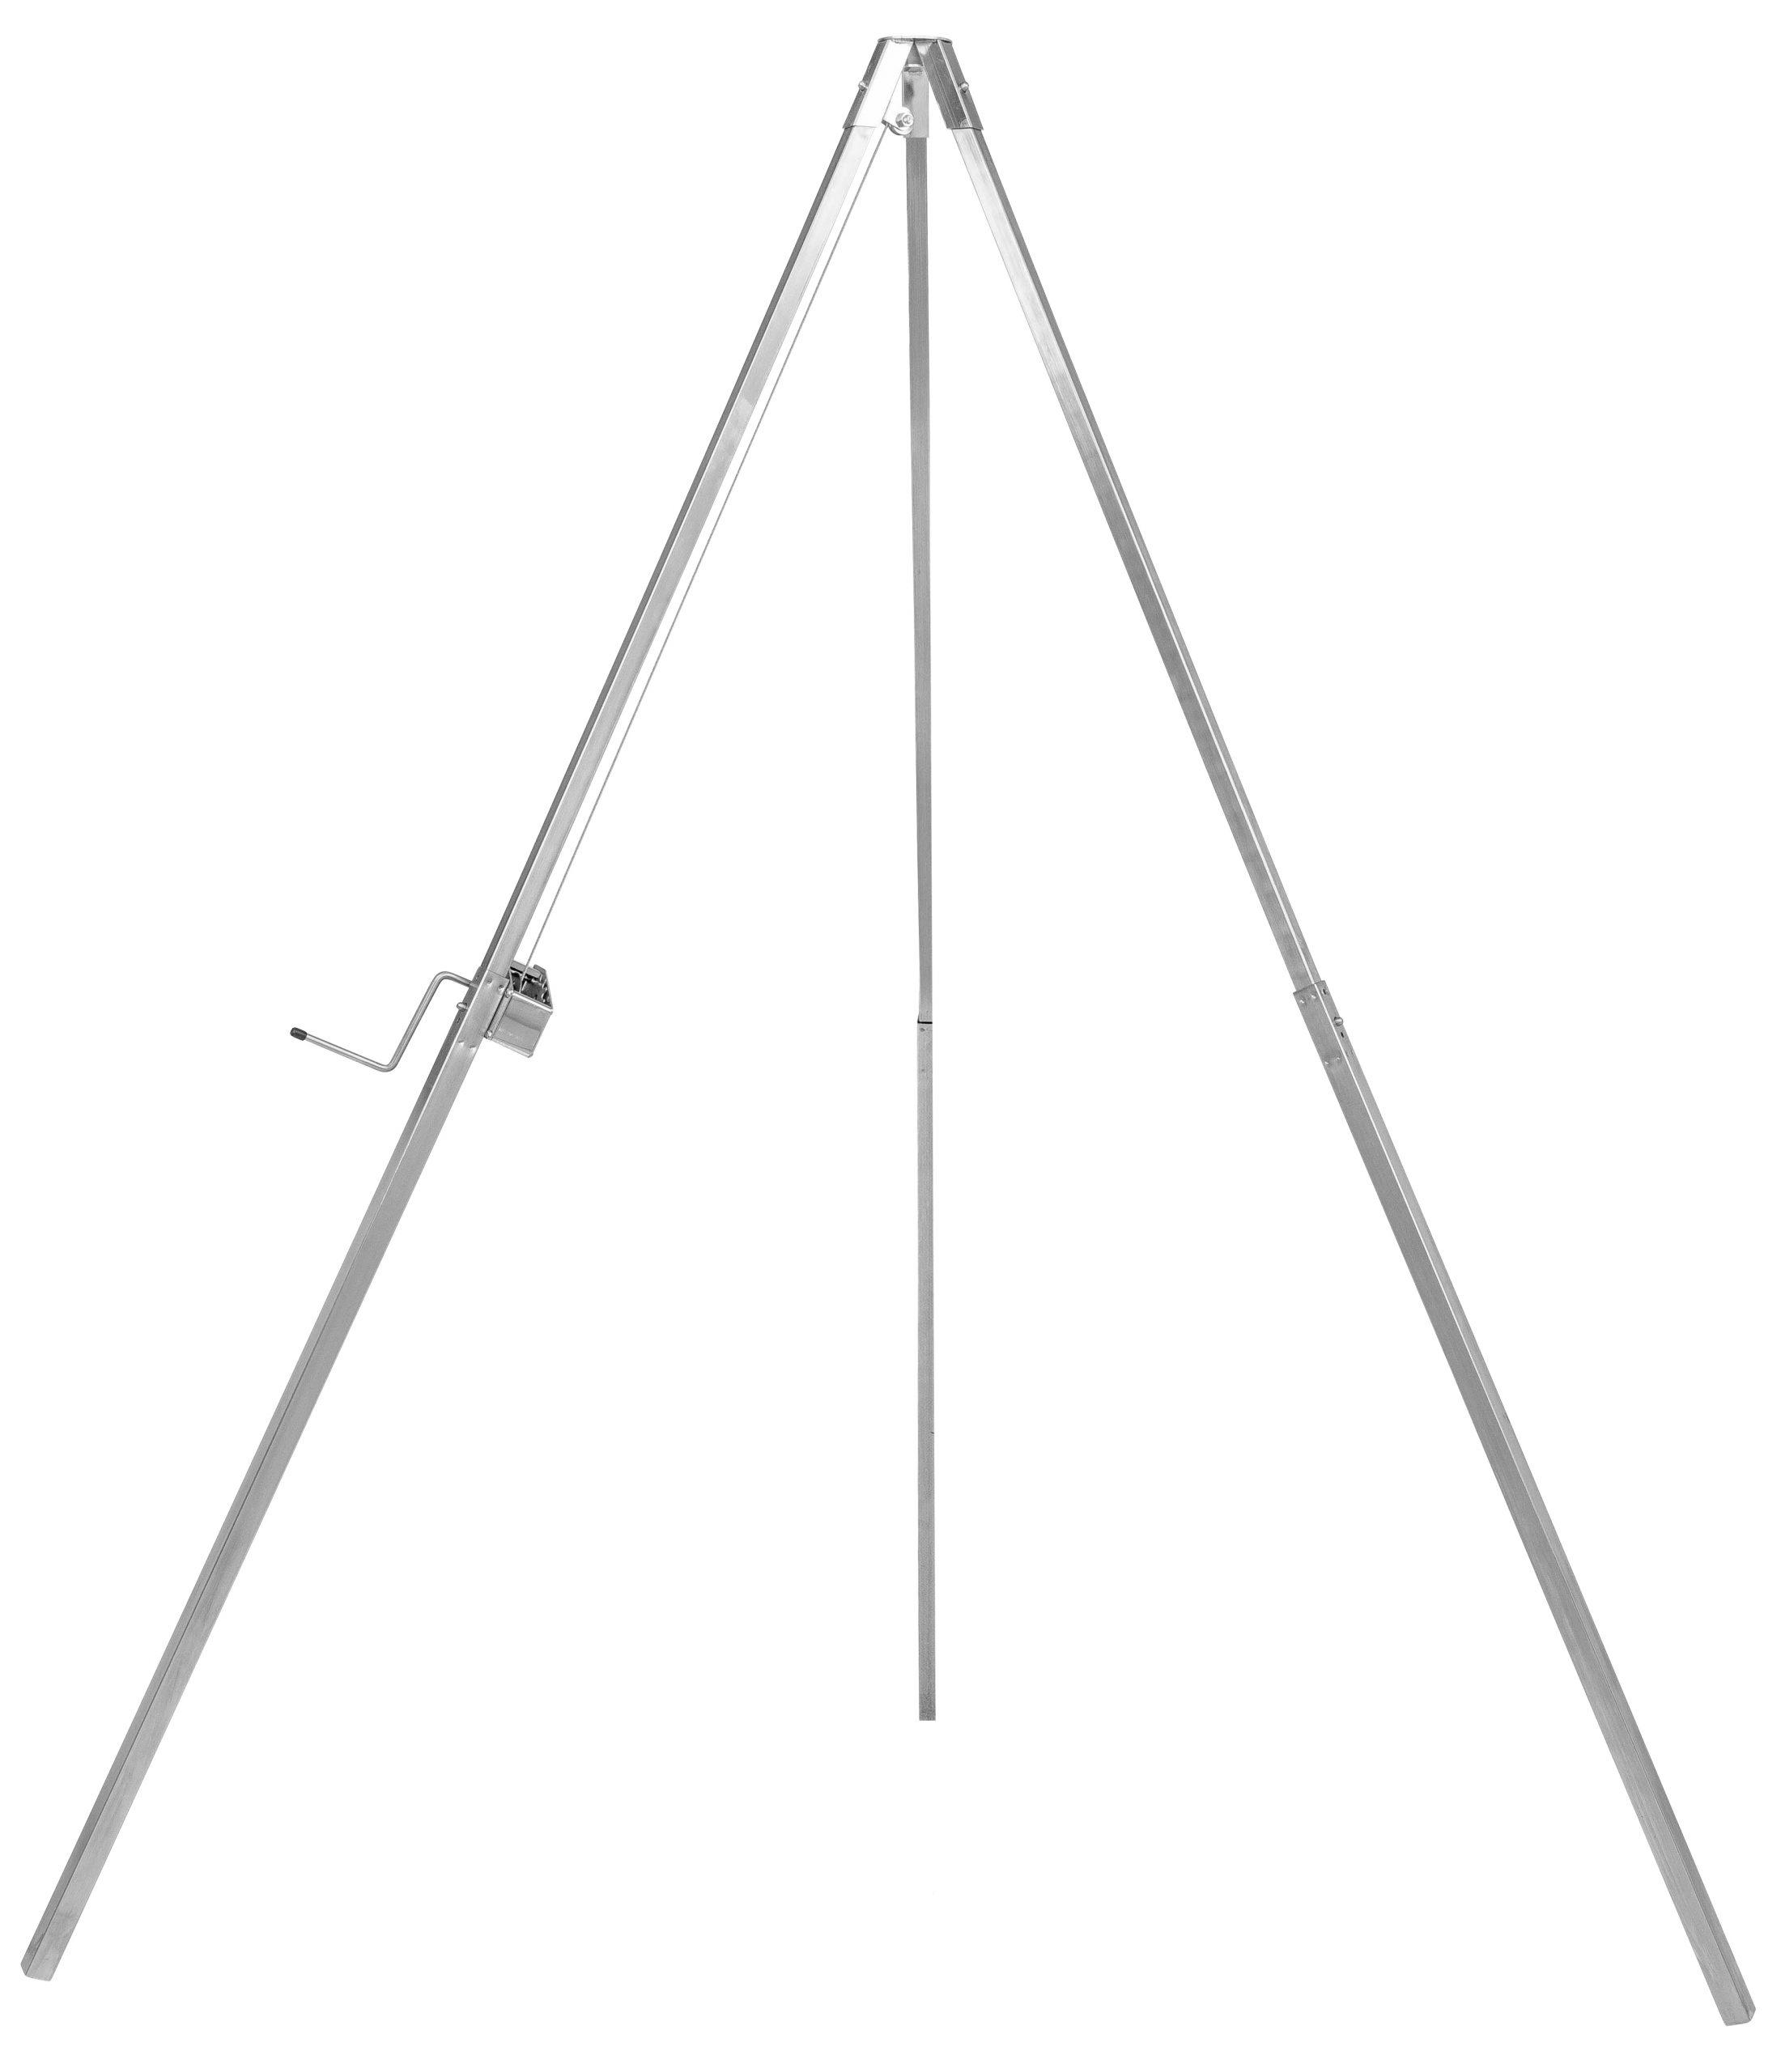 Edelstahl Standrohre für Schwenkgrill Dreibeingrill 200 cm